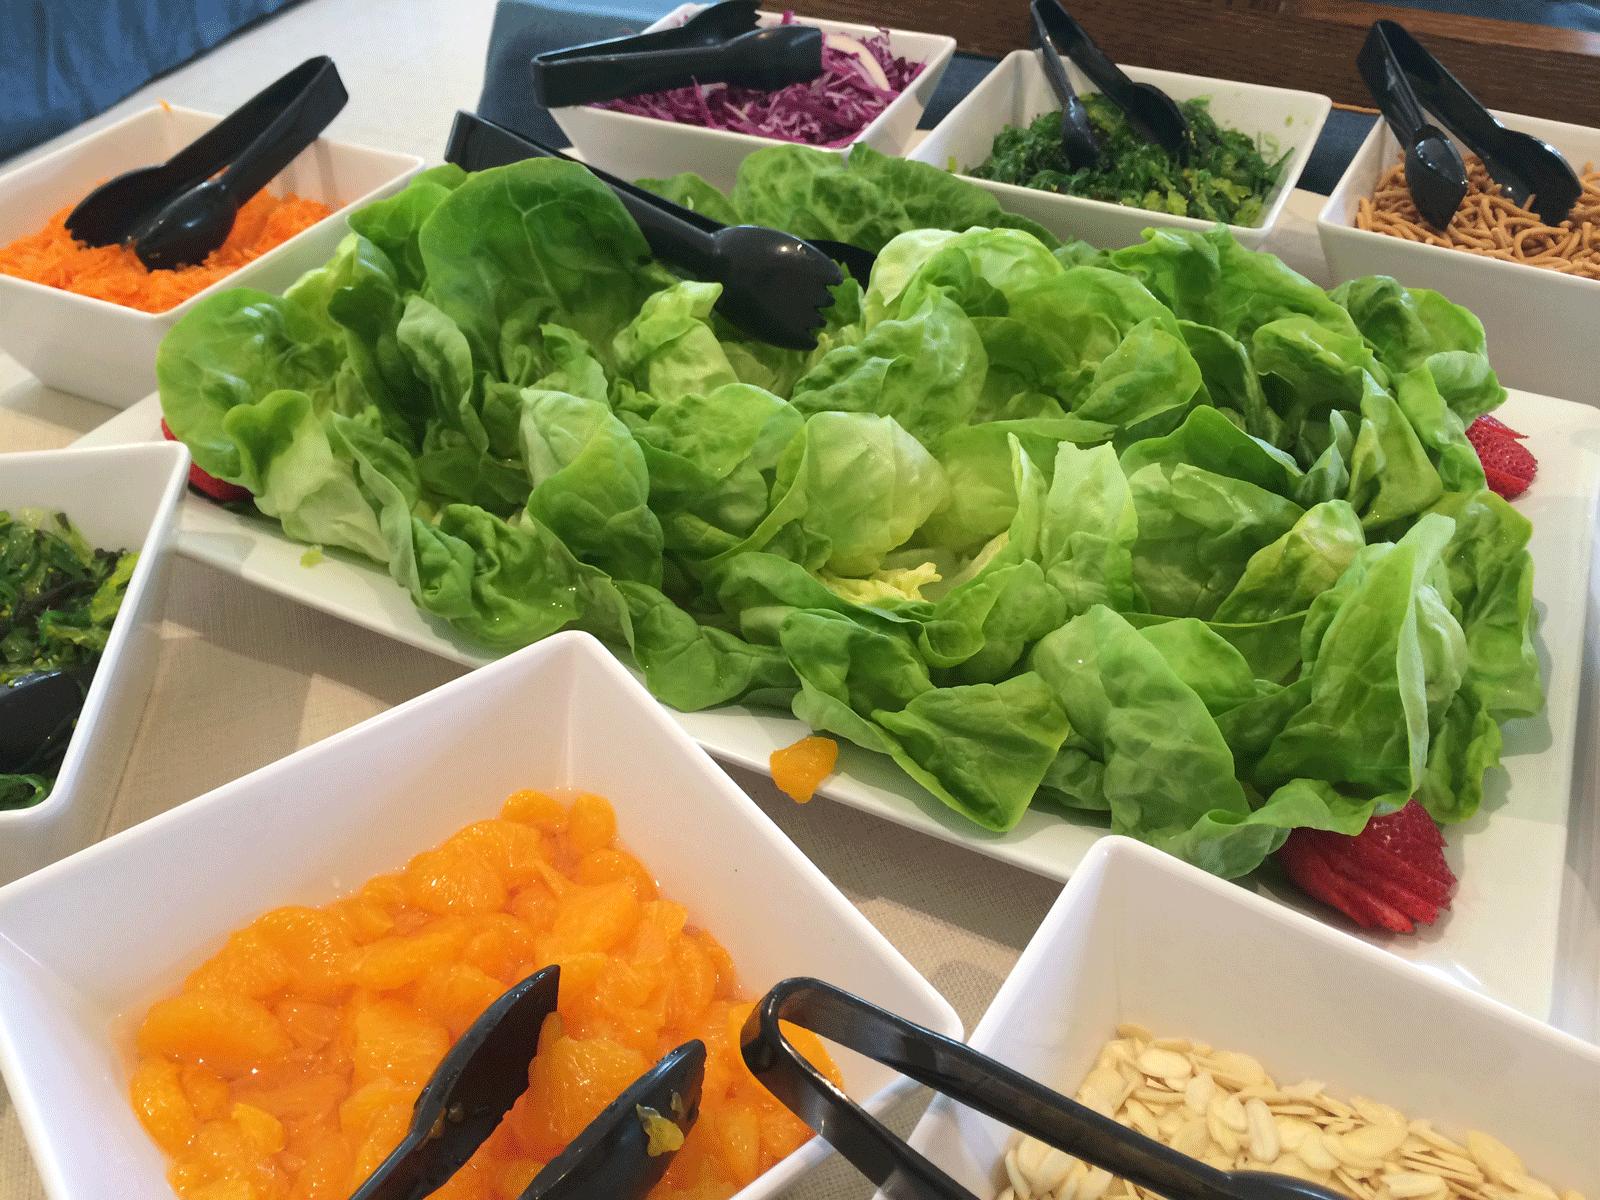 Asian lettuce wrap condiments